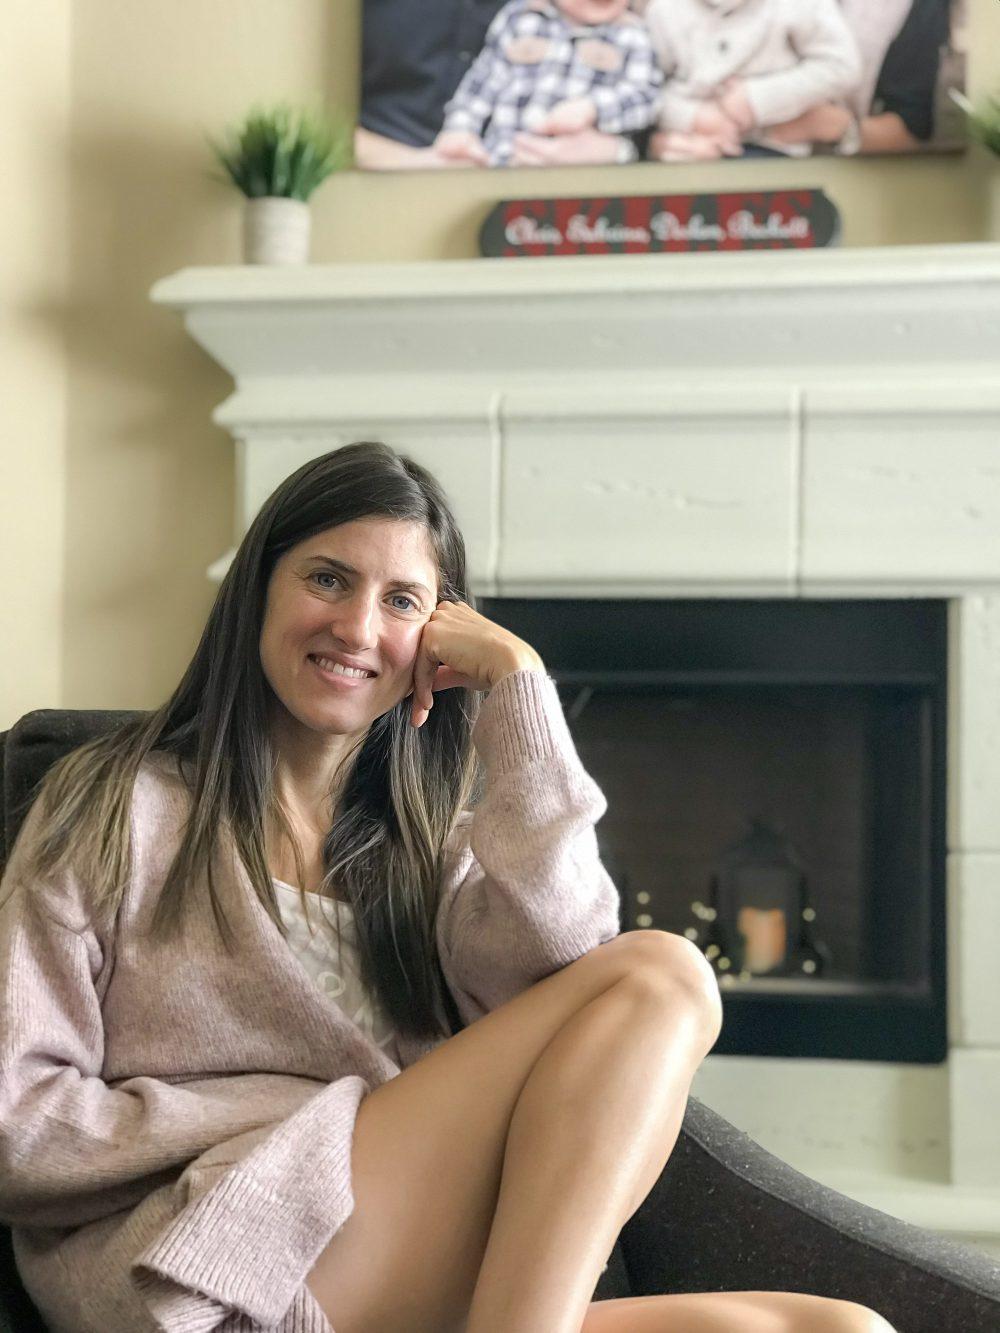 breast-cancer-journey-houston-blogger-homegrown-houston